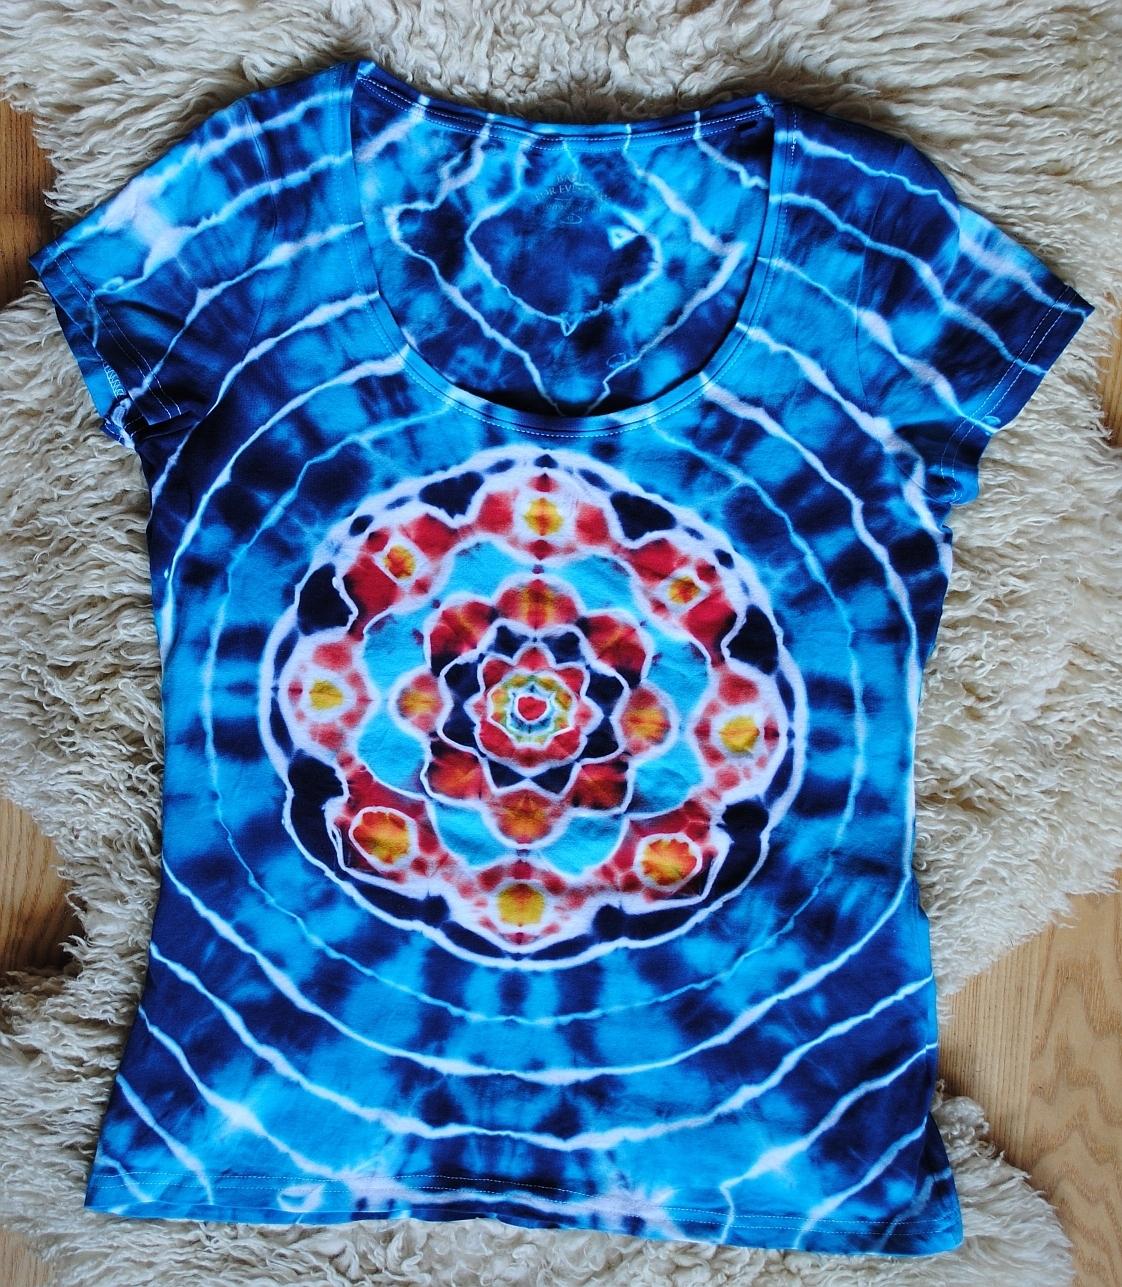 d87acc1532c0 Batikované tričko vel. 40 - Květ v tyrkysové tůni   Zboží prodejce ...